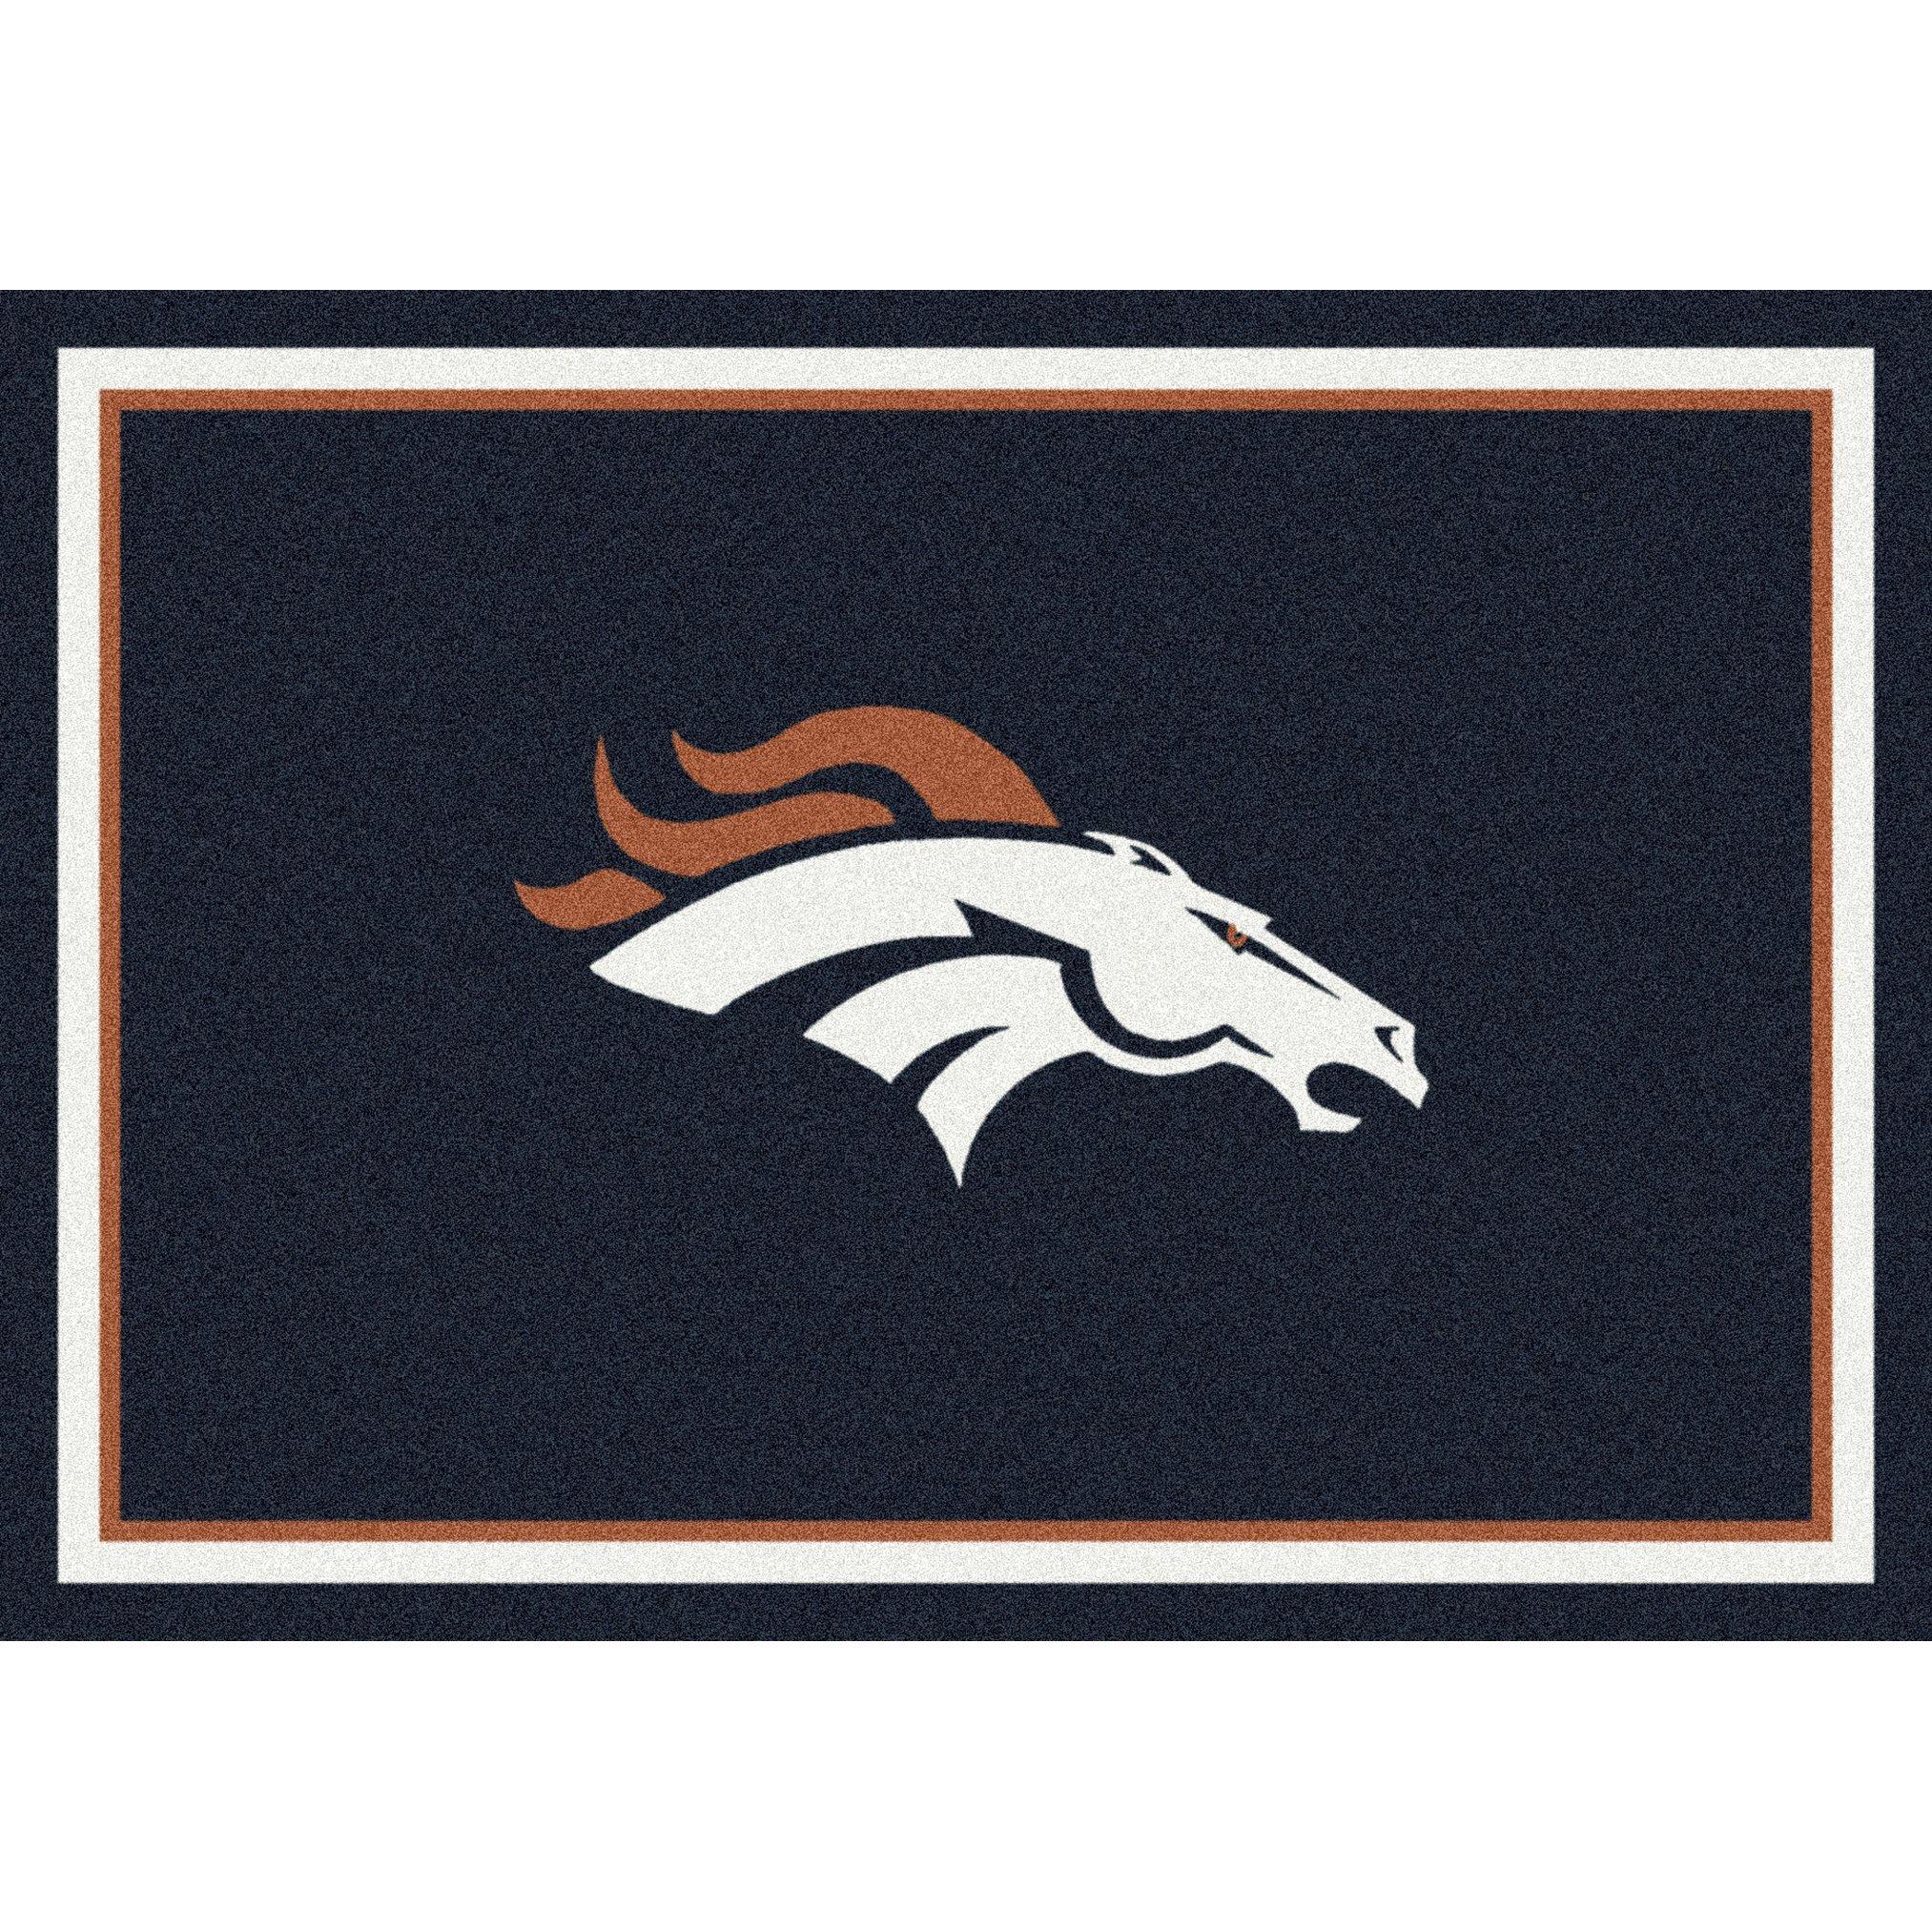 Denver Broncos NFL Team Spirit Area Rug by Milliken, 7'8'' x 10'9'', Multicolored